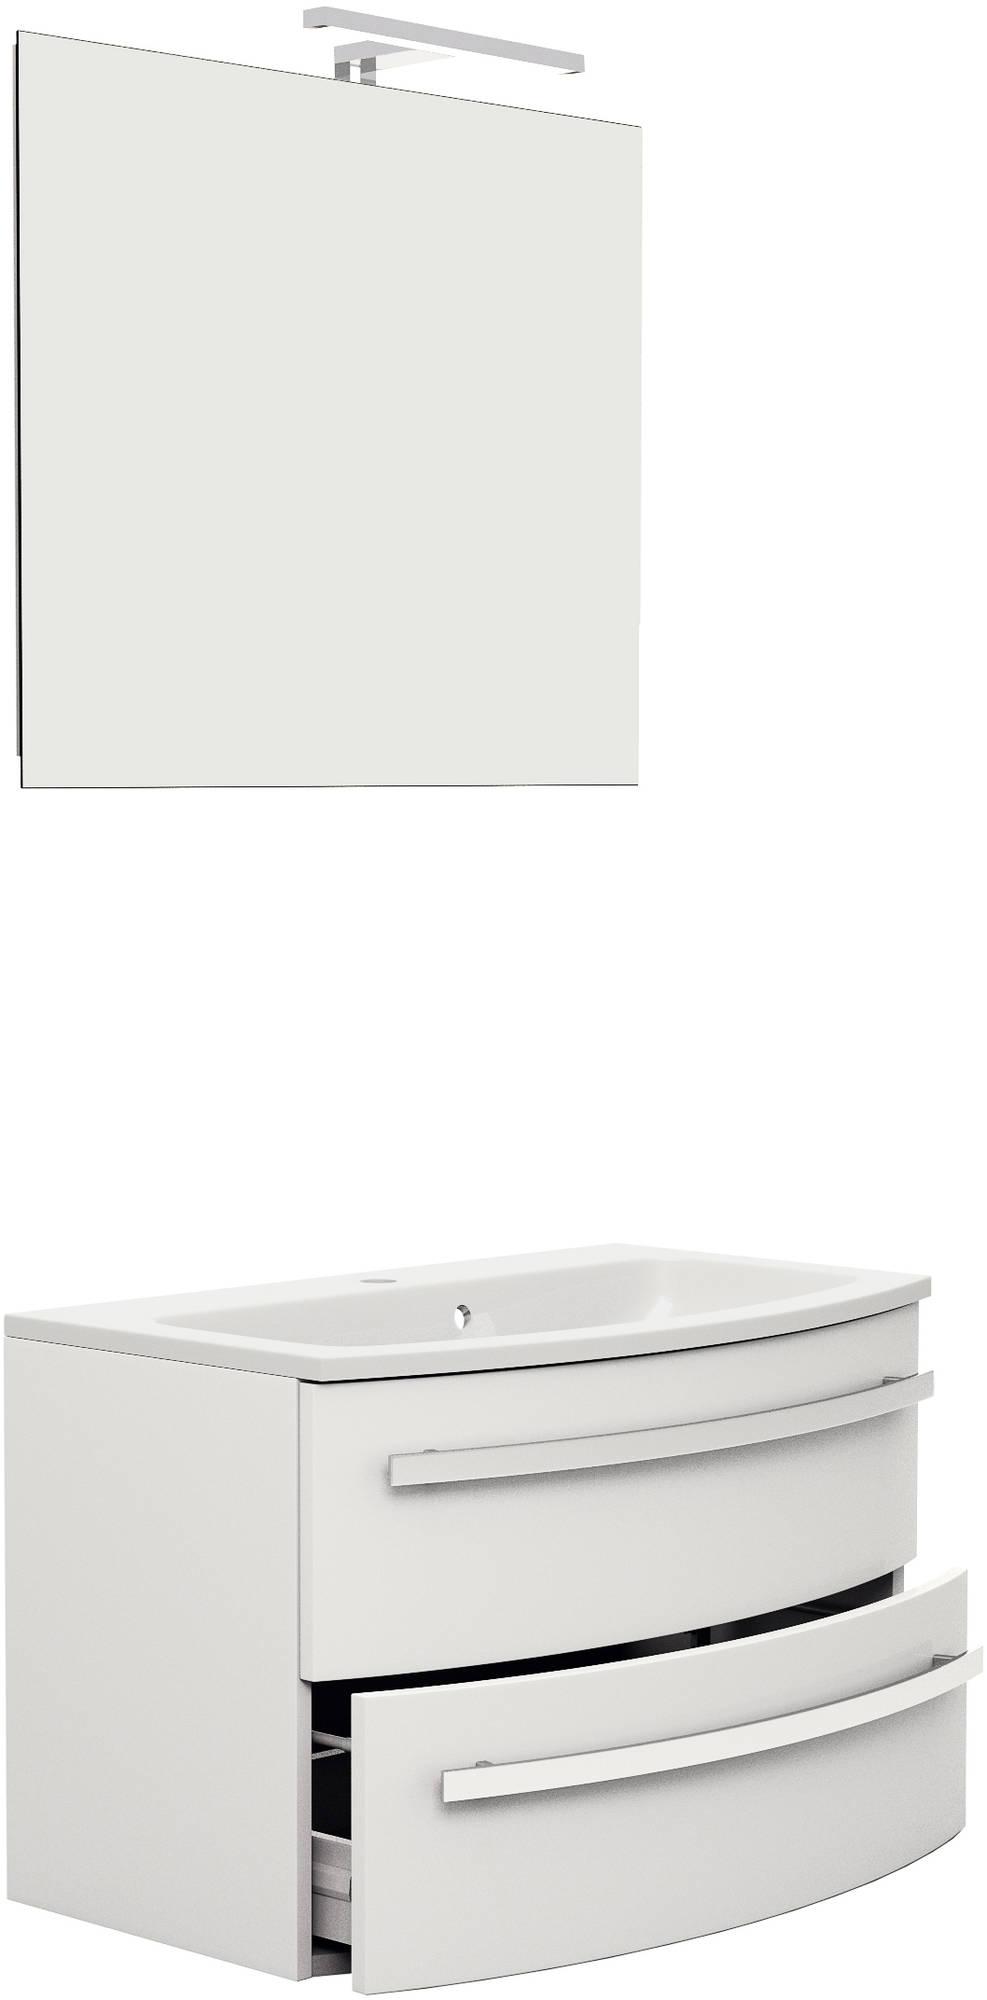 Primabad Rondolijn Badkamermeubelset 80x48 cm  Wit